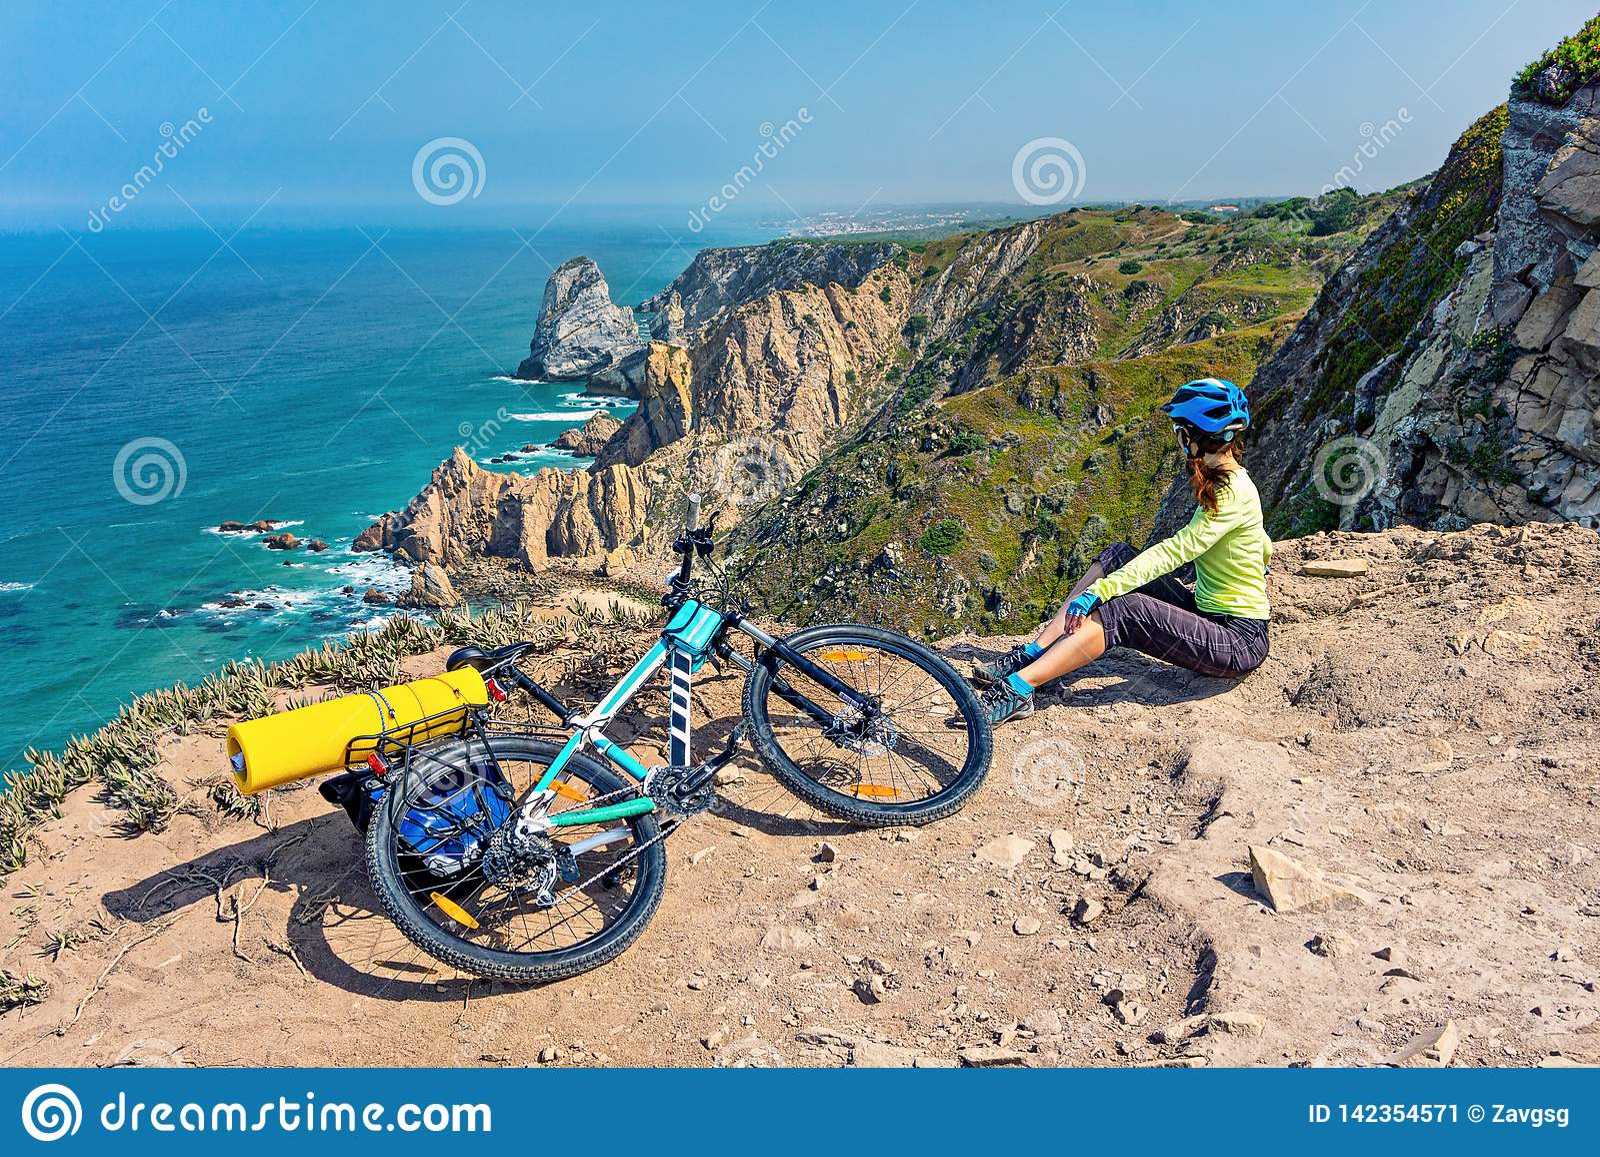 Dorosły atrakcyjny żeński cyklista z jej rowerem górskim siedzi na oceanu skalistym wybrzeżu